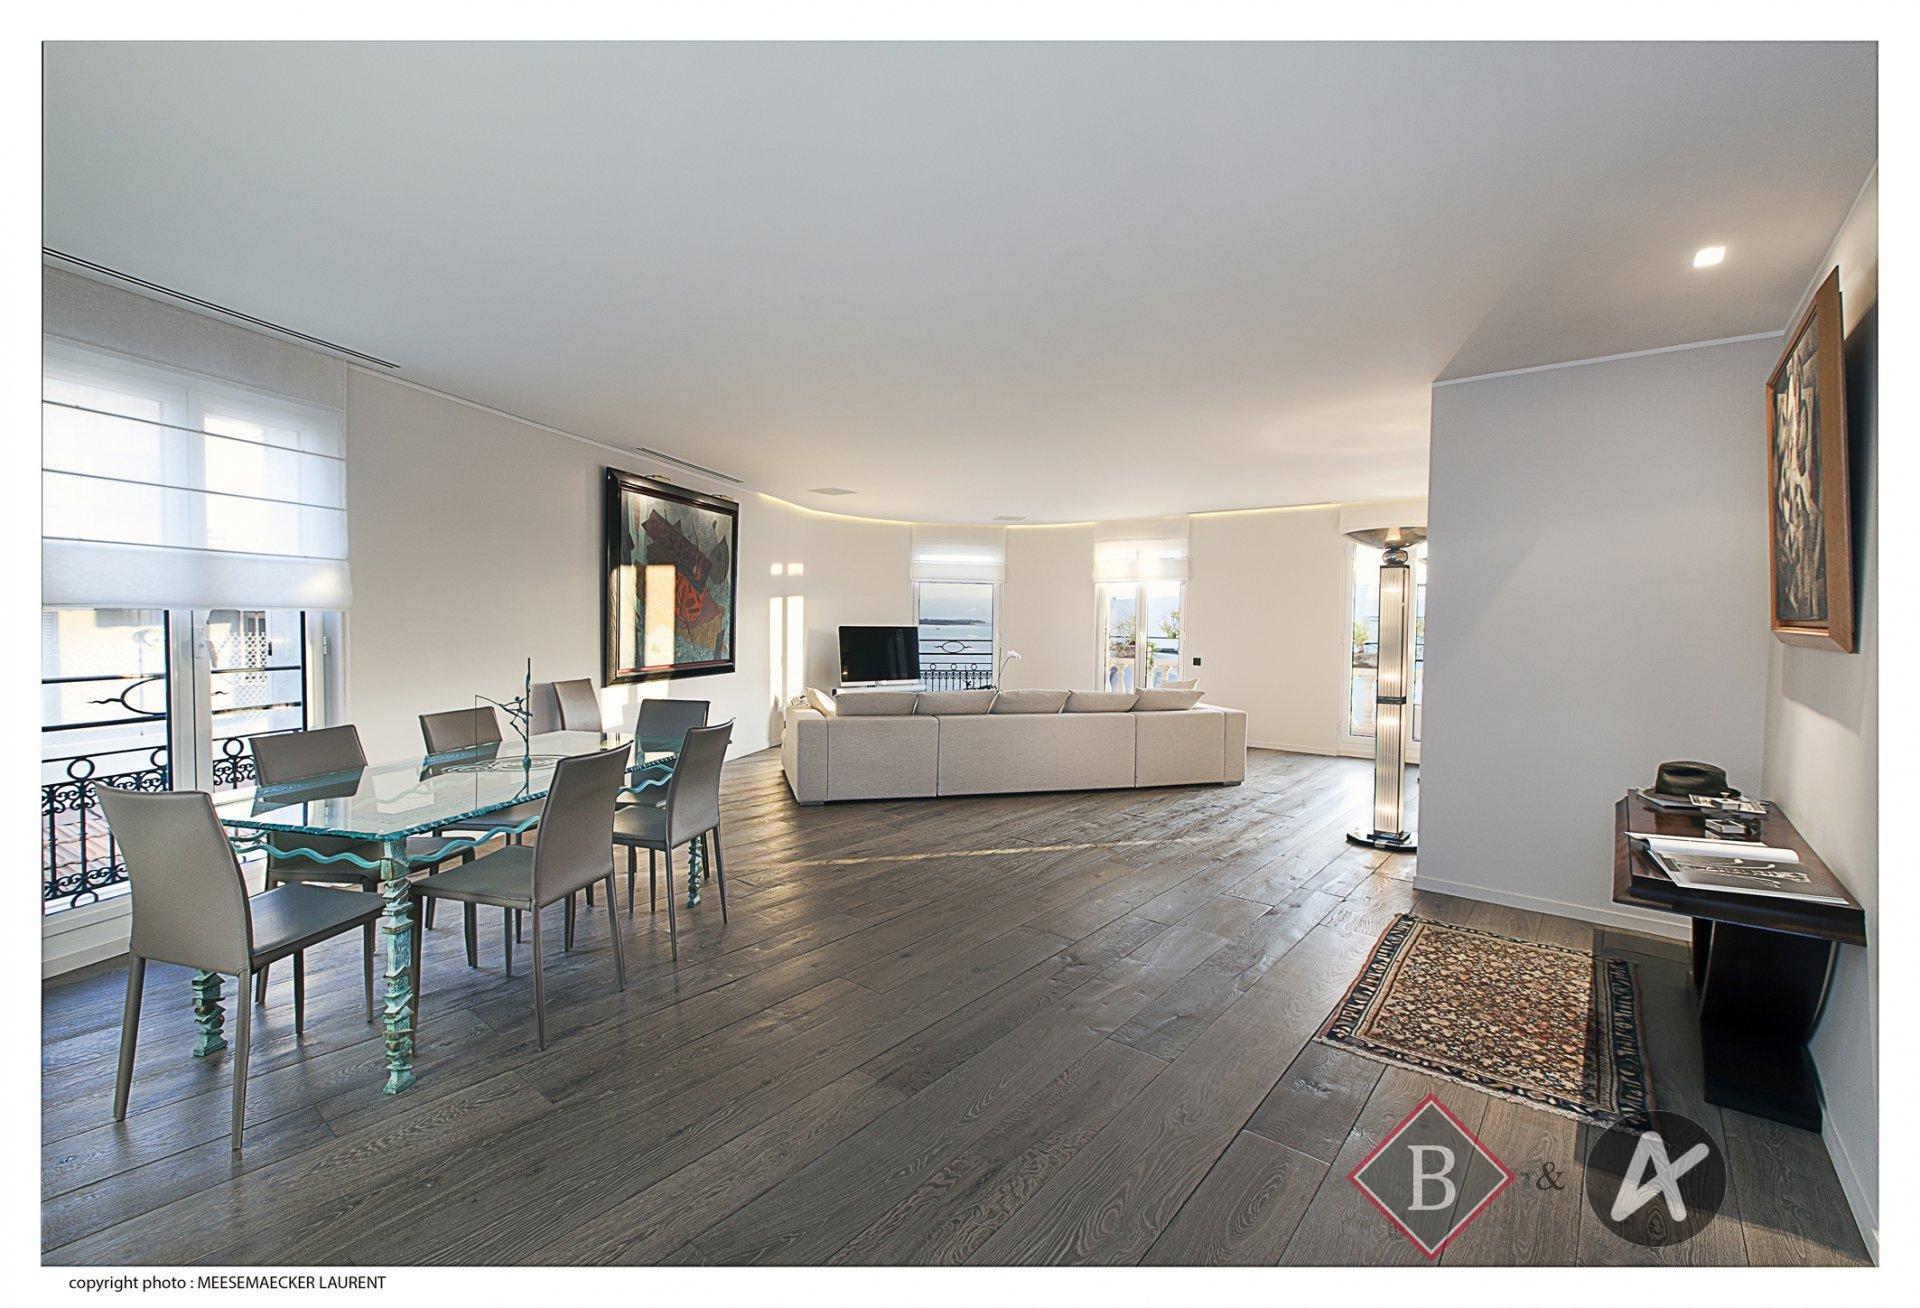 Verkauf Wohnung - Cannes Croisette